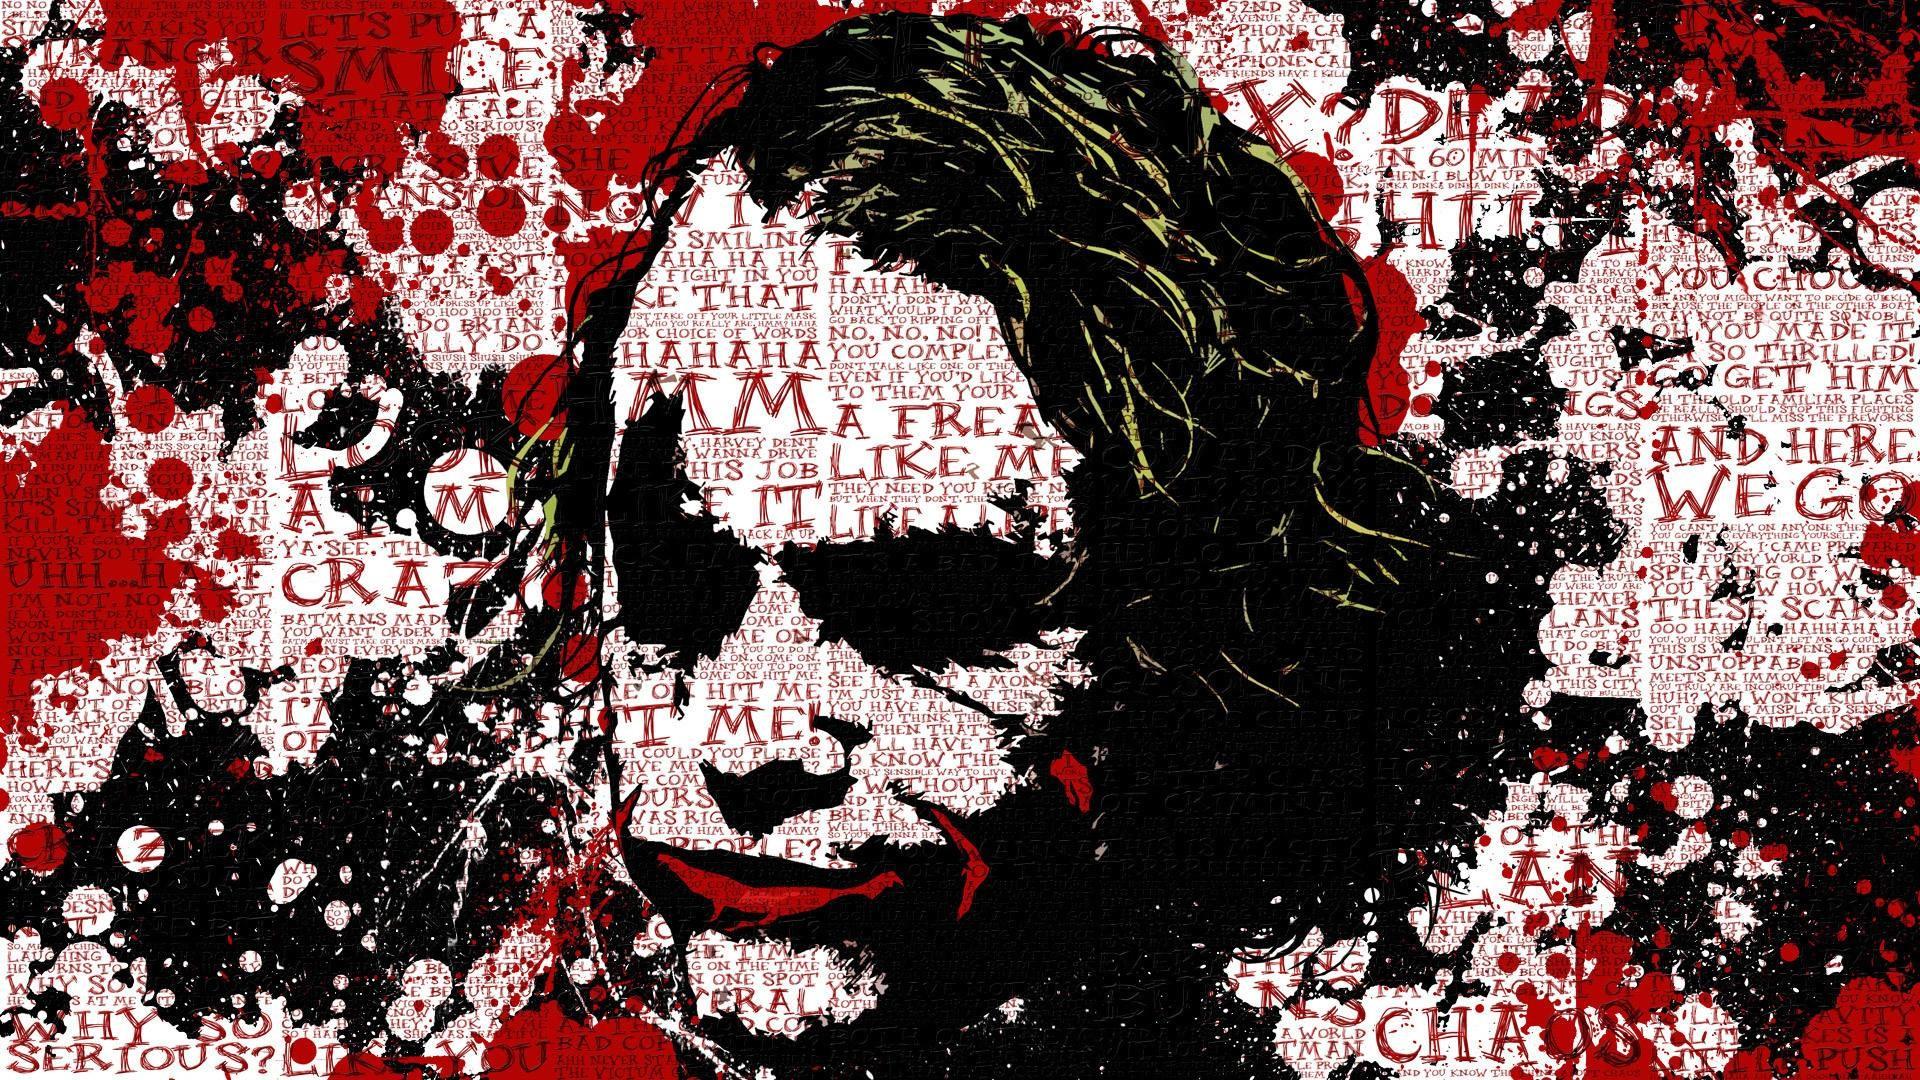 Joker Quotes – The Joker Wallpaper (22808739) – Fanpop